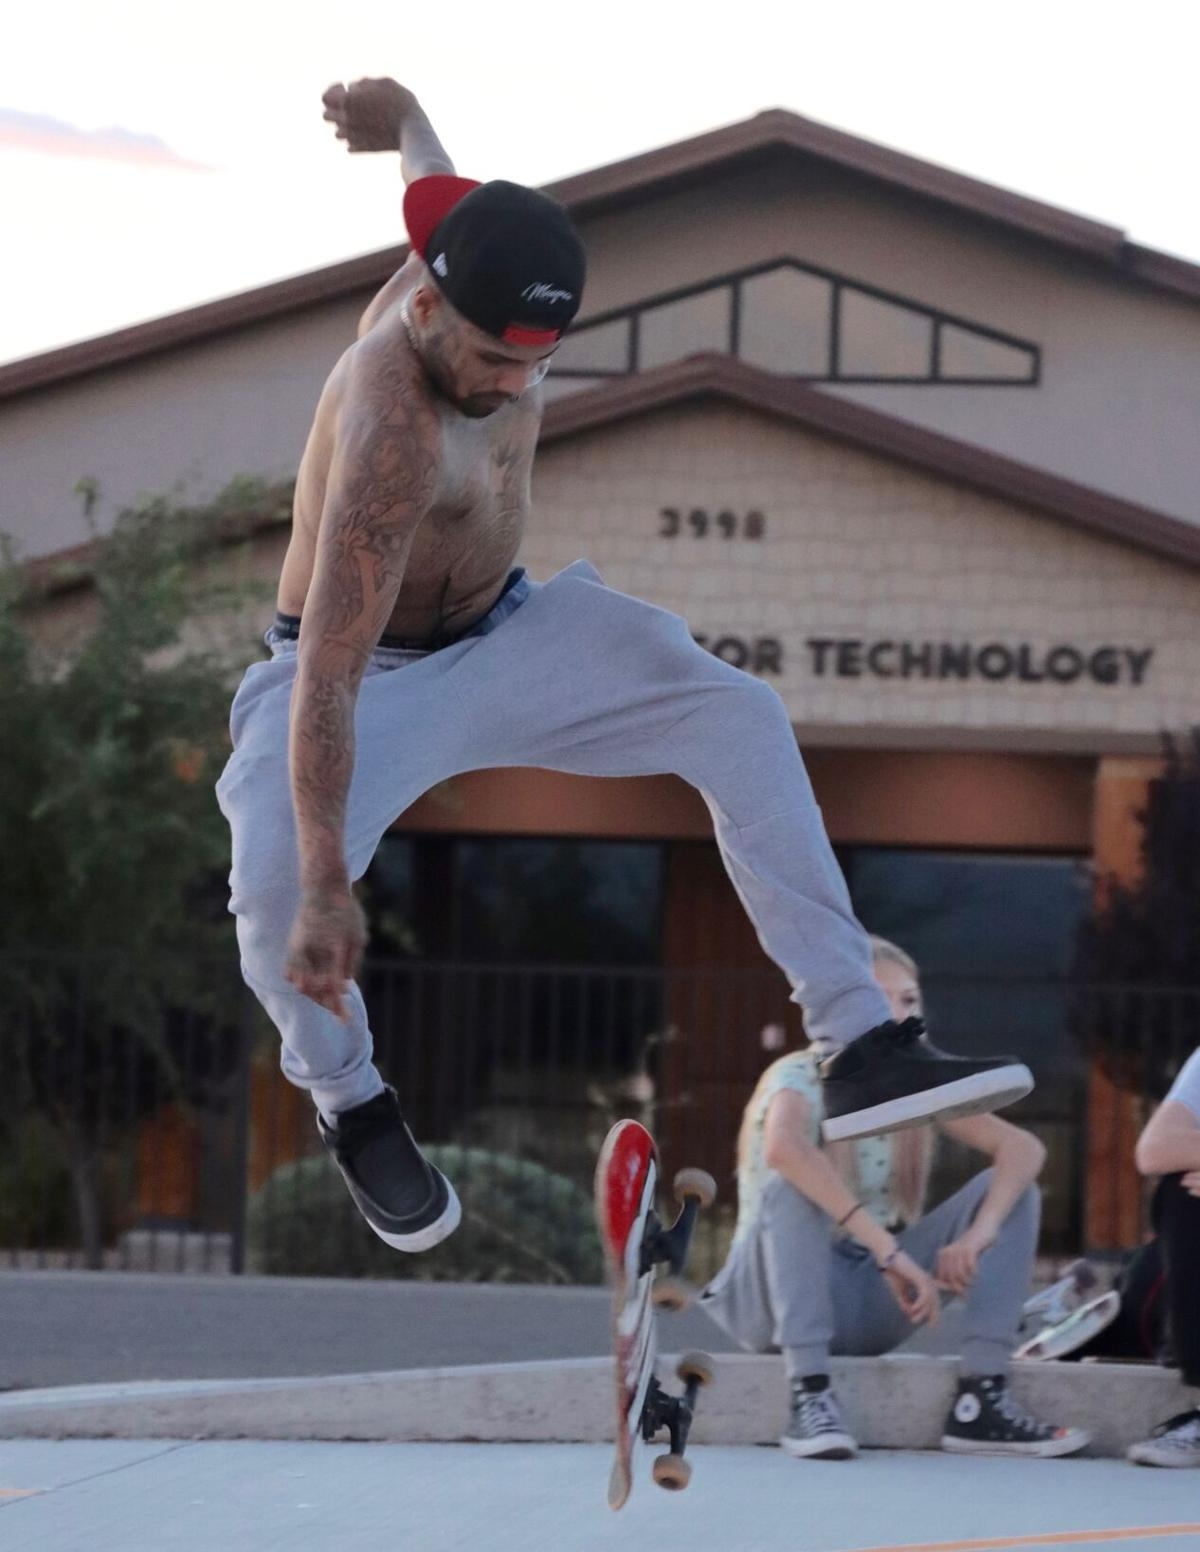 210721-news-skateboarding